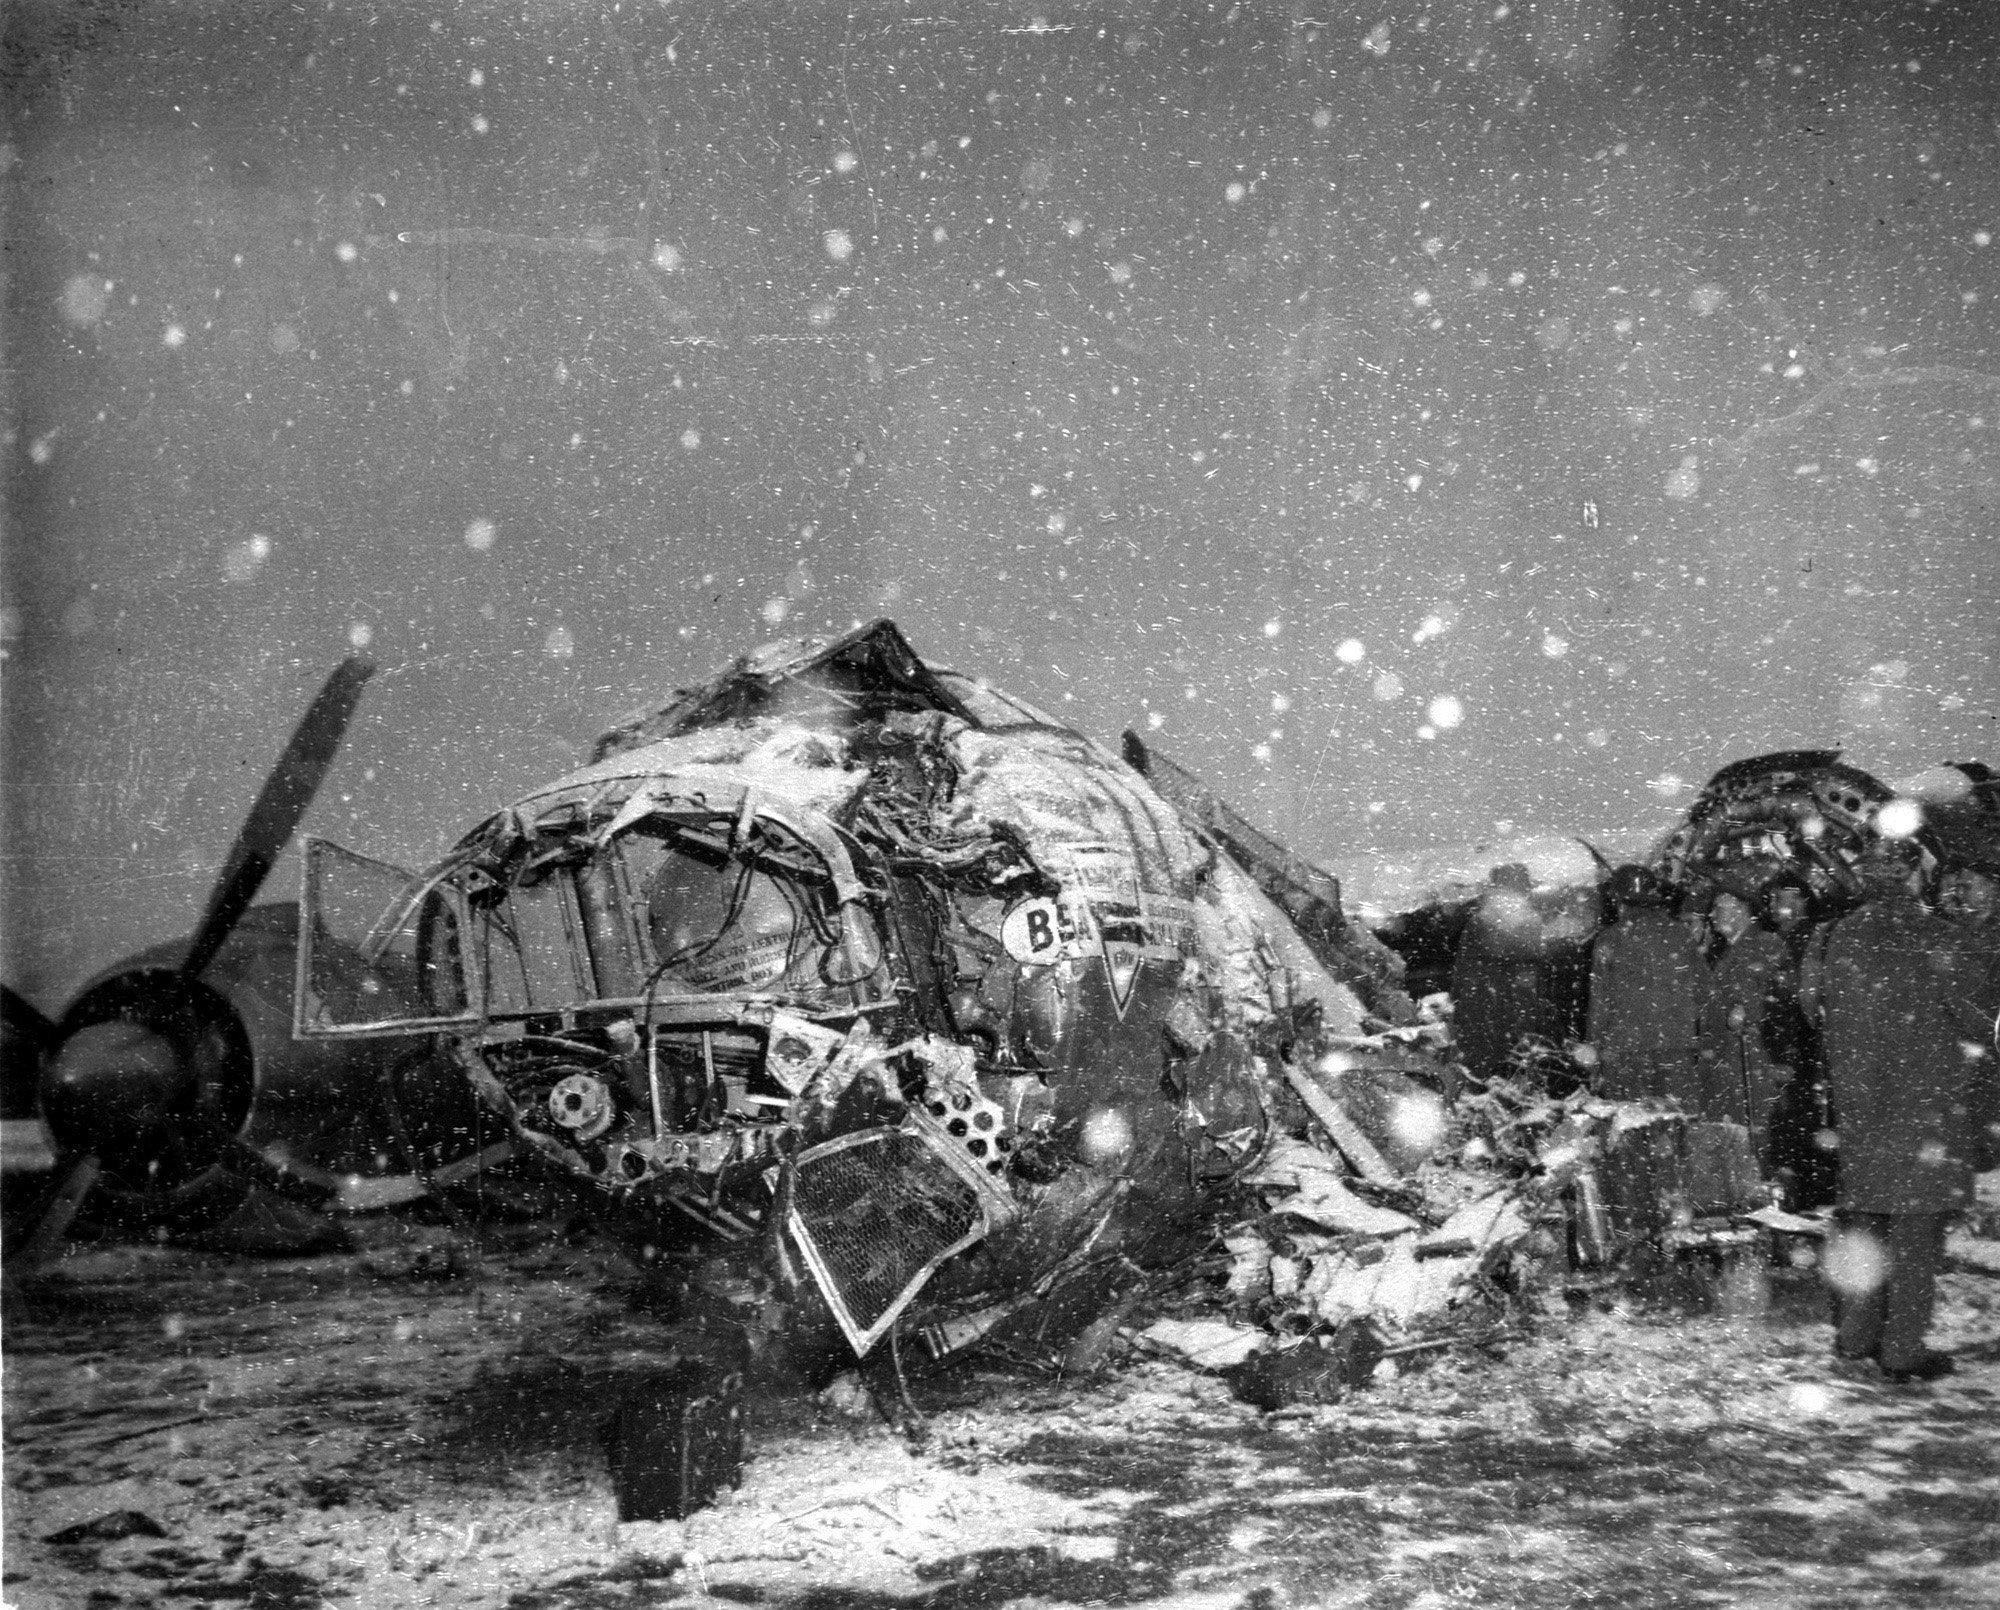 Британский авиалайнер, который потерпел катастрофу на взлете в Мюнхене, Германия, 6 февраля 1958 года, на борту самолета была футбольная команда Манчестер Юнайтед